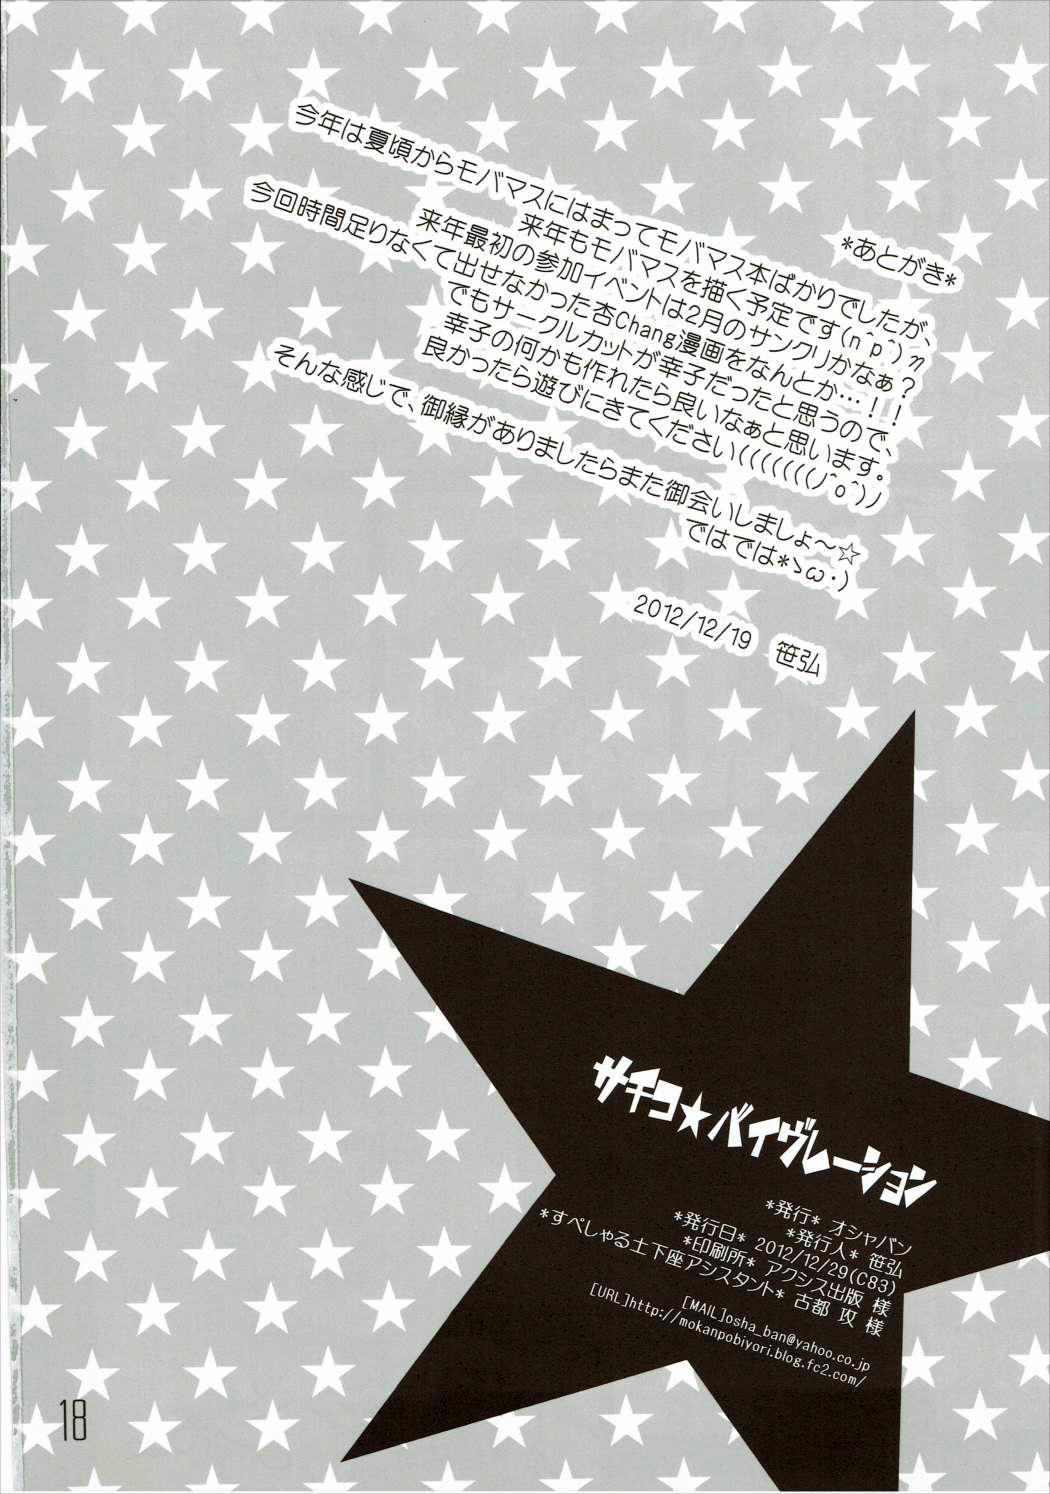 Sachiko☆Vibration 16